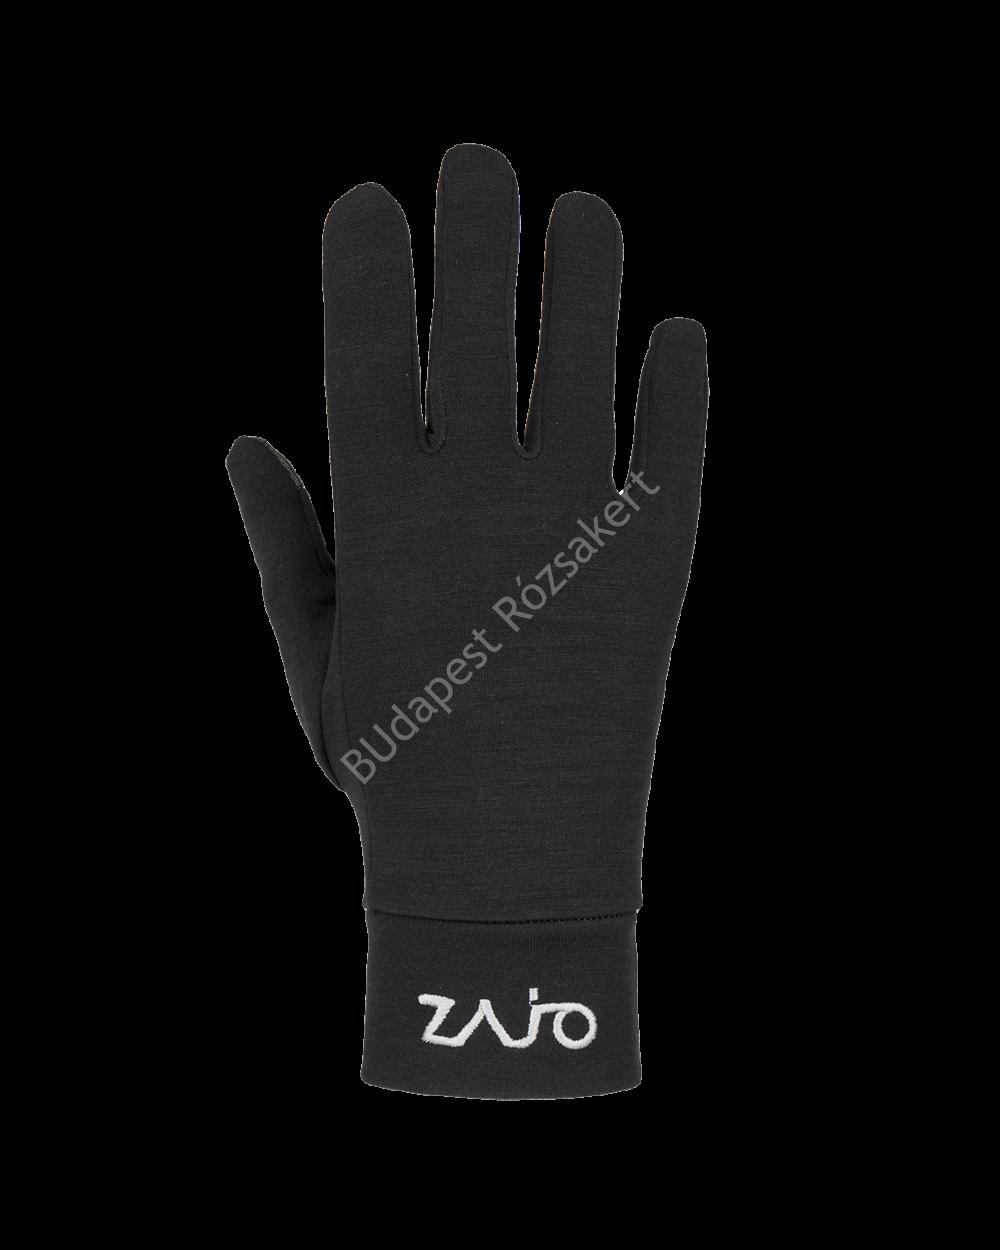 Zajo Hals polár kesztyű, fekete, XL/2XL